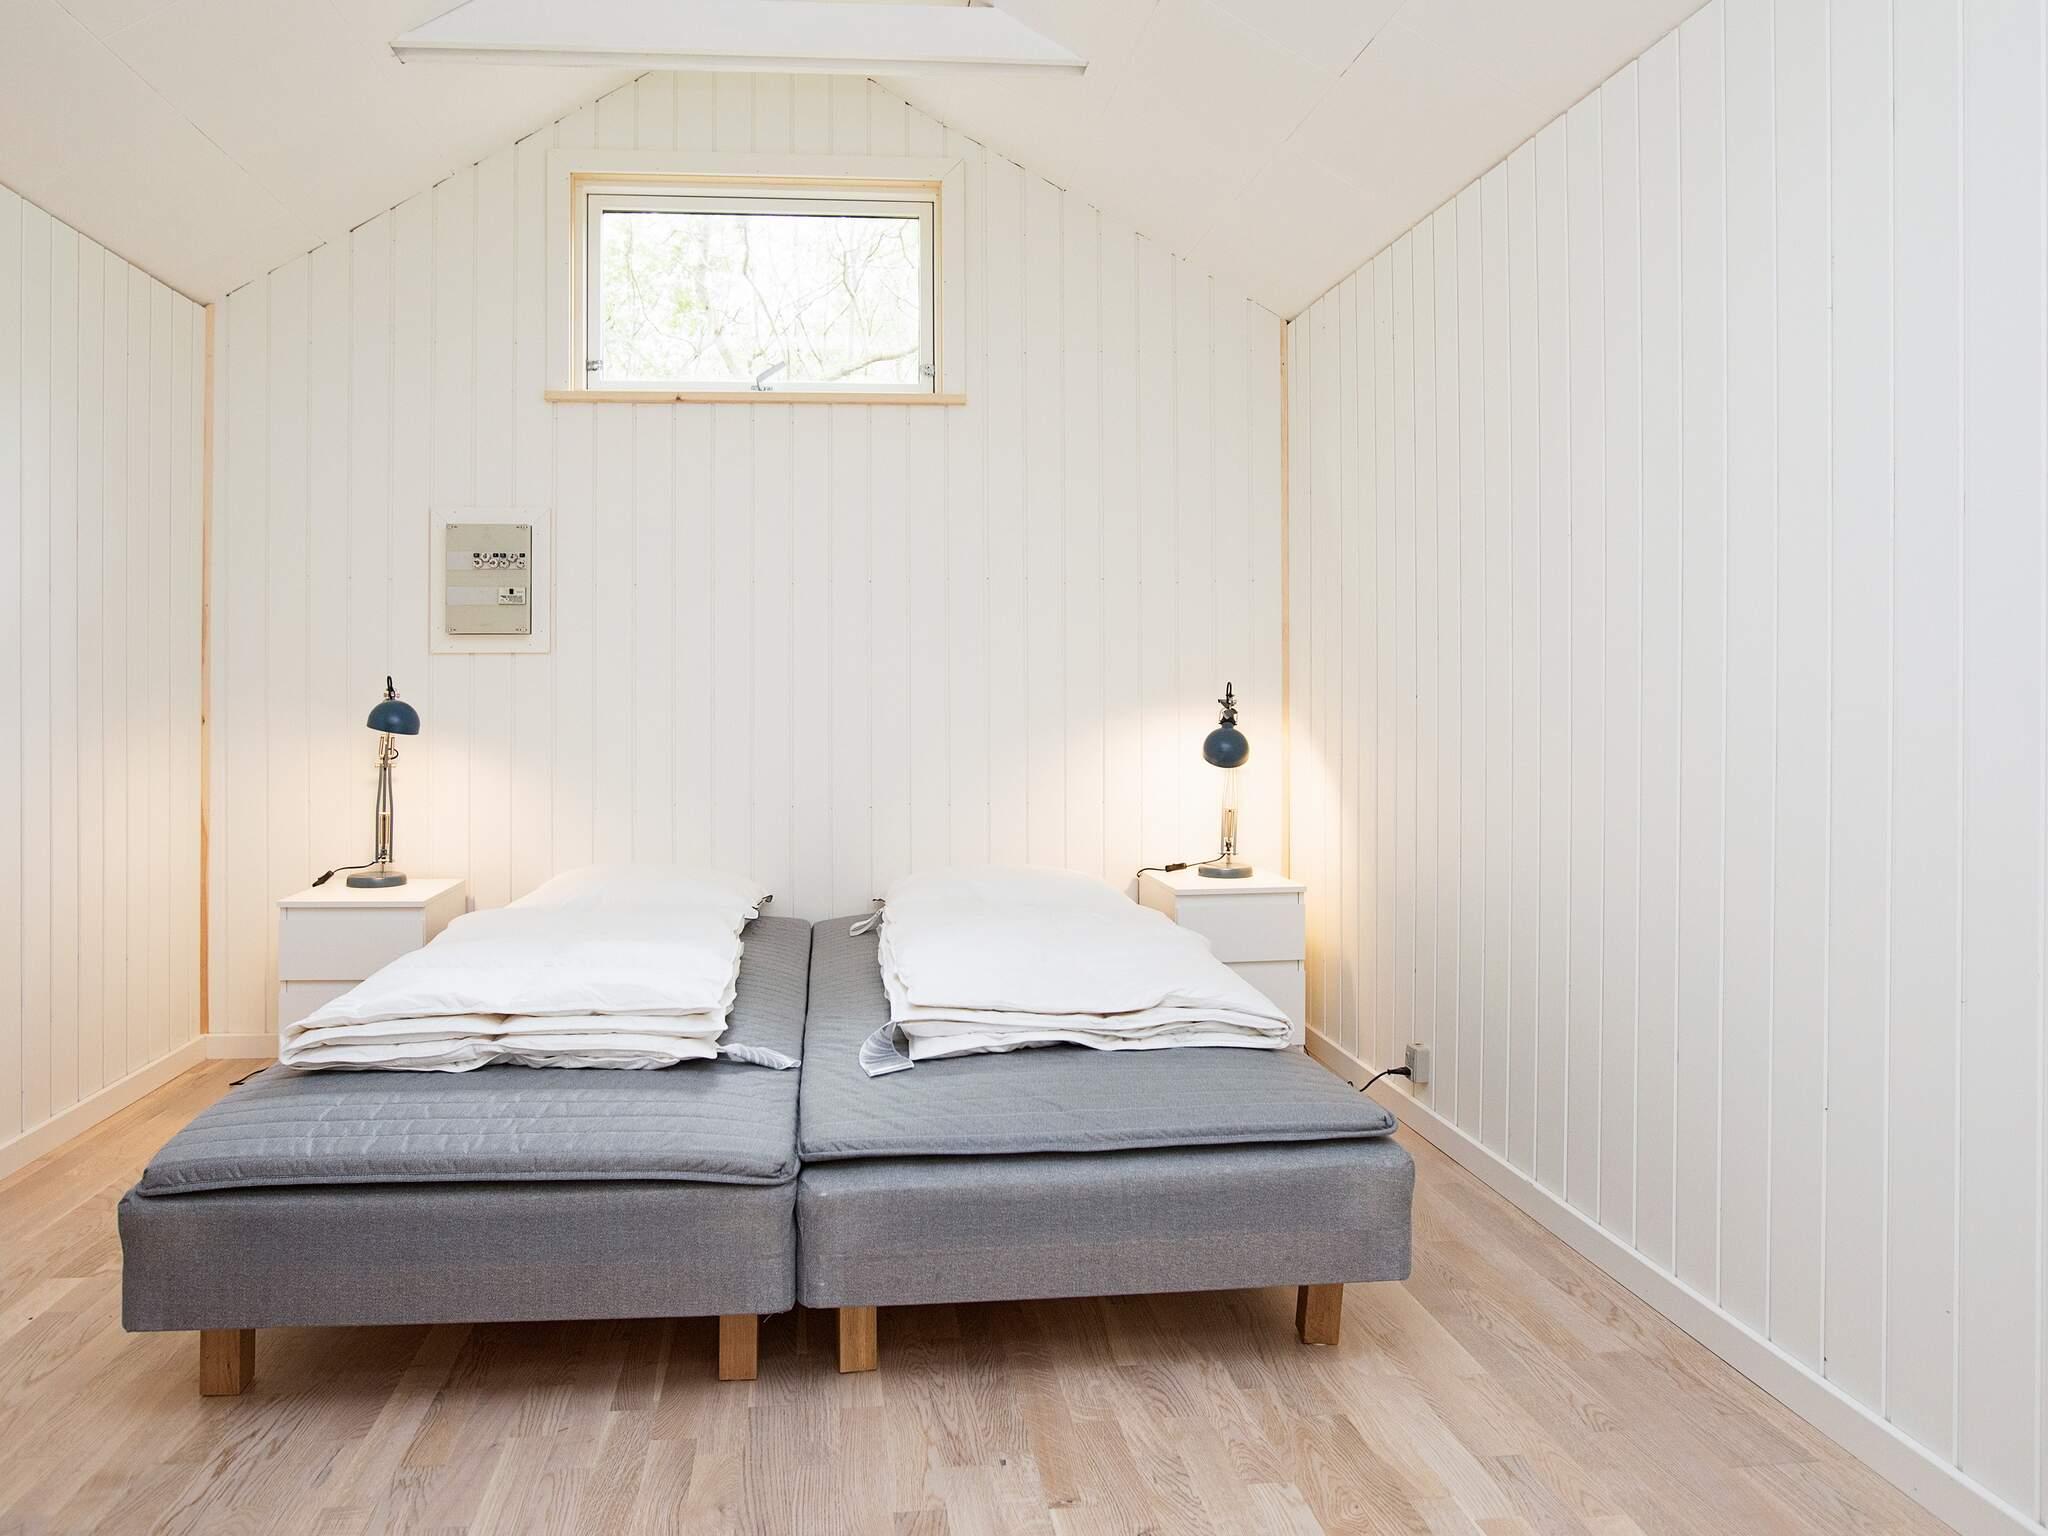 Ferienhaus Rågeleje (2563318), Græsted, , Nordseeland, Dänemark, Bild 18